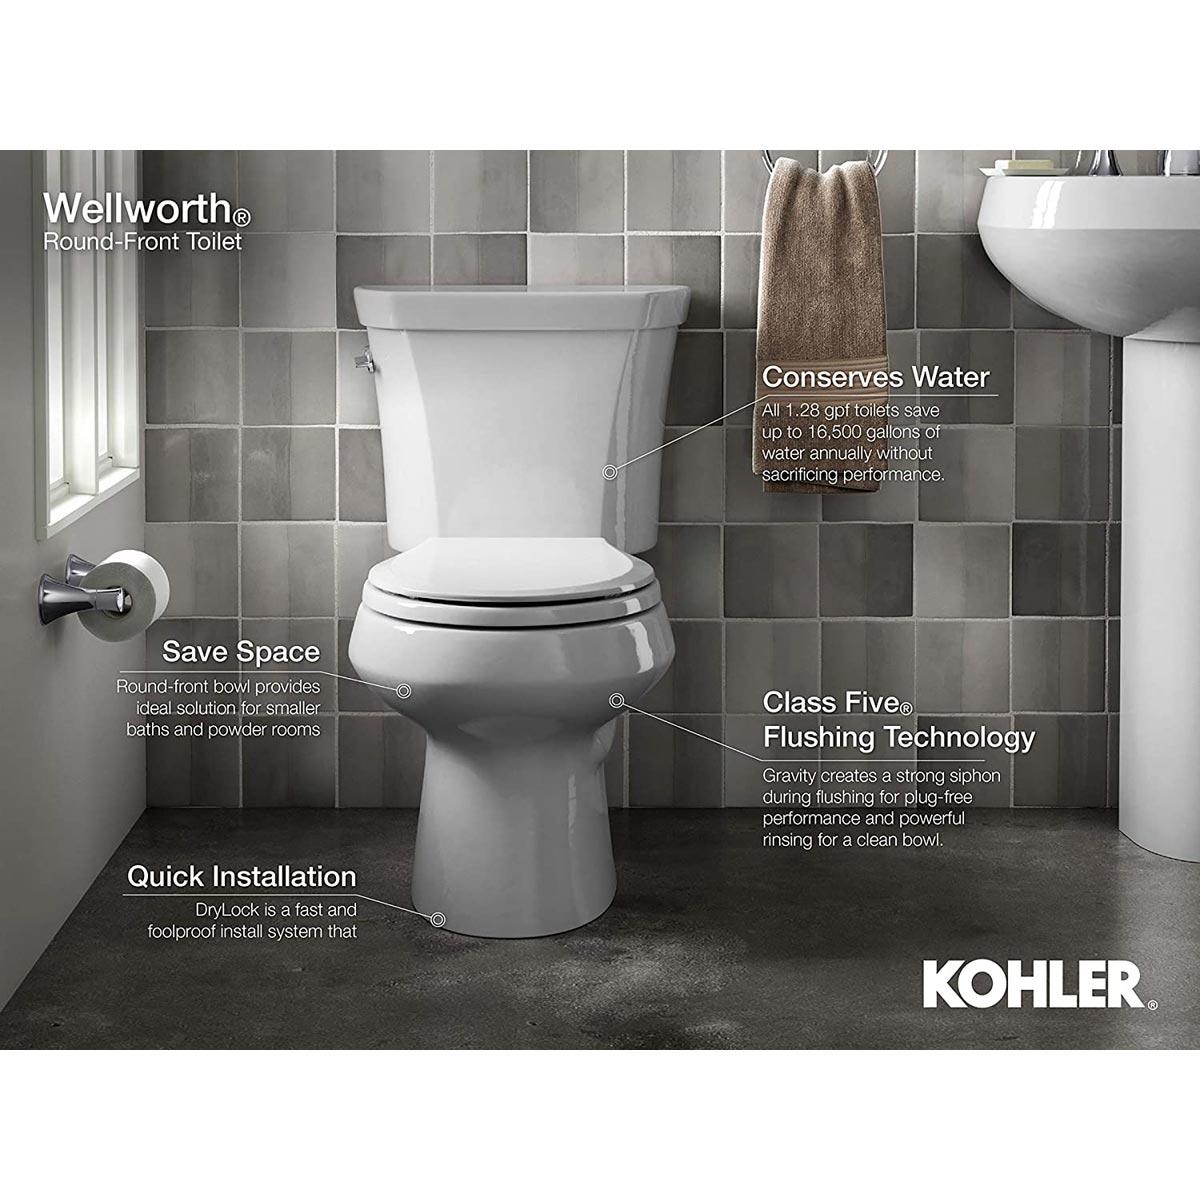 Kohler Wellworth Round Toilet Bowl, White